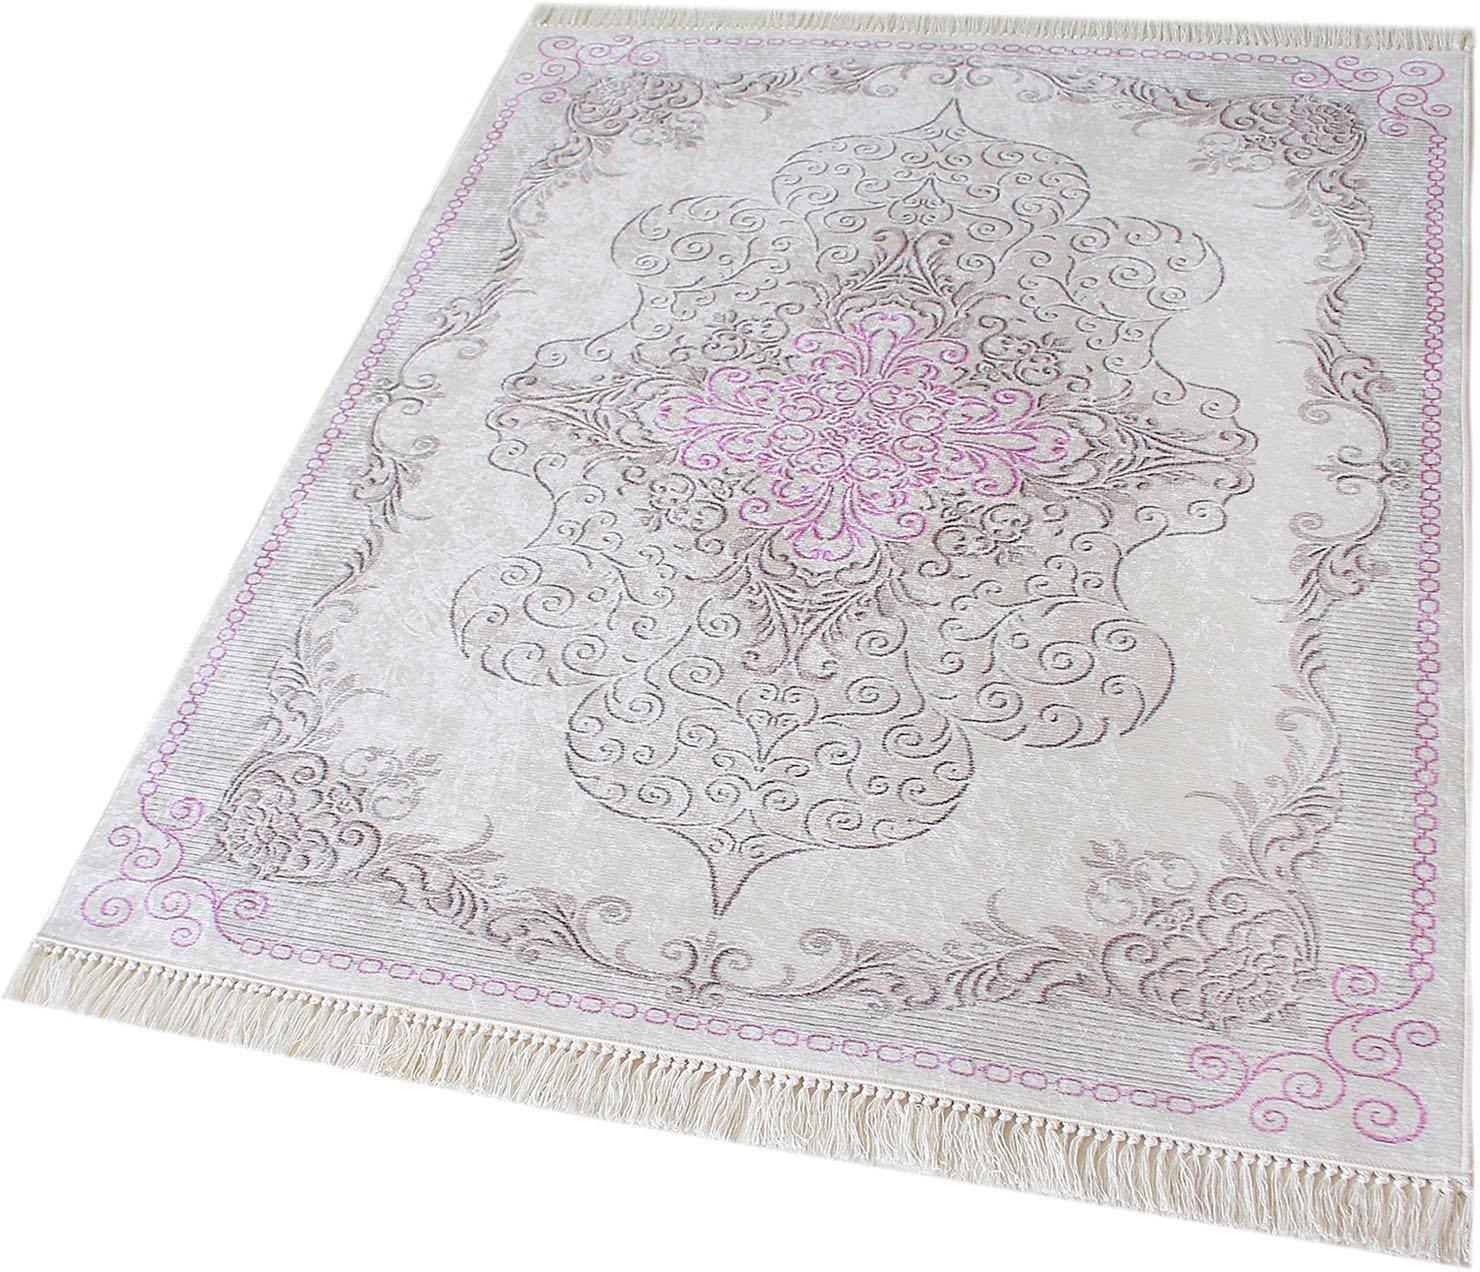 Teppich Caimas 2516 Sehrazat rechteckig Höhe 5 mm gedruckt